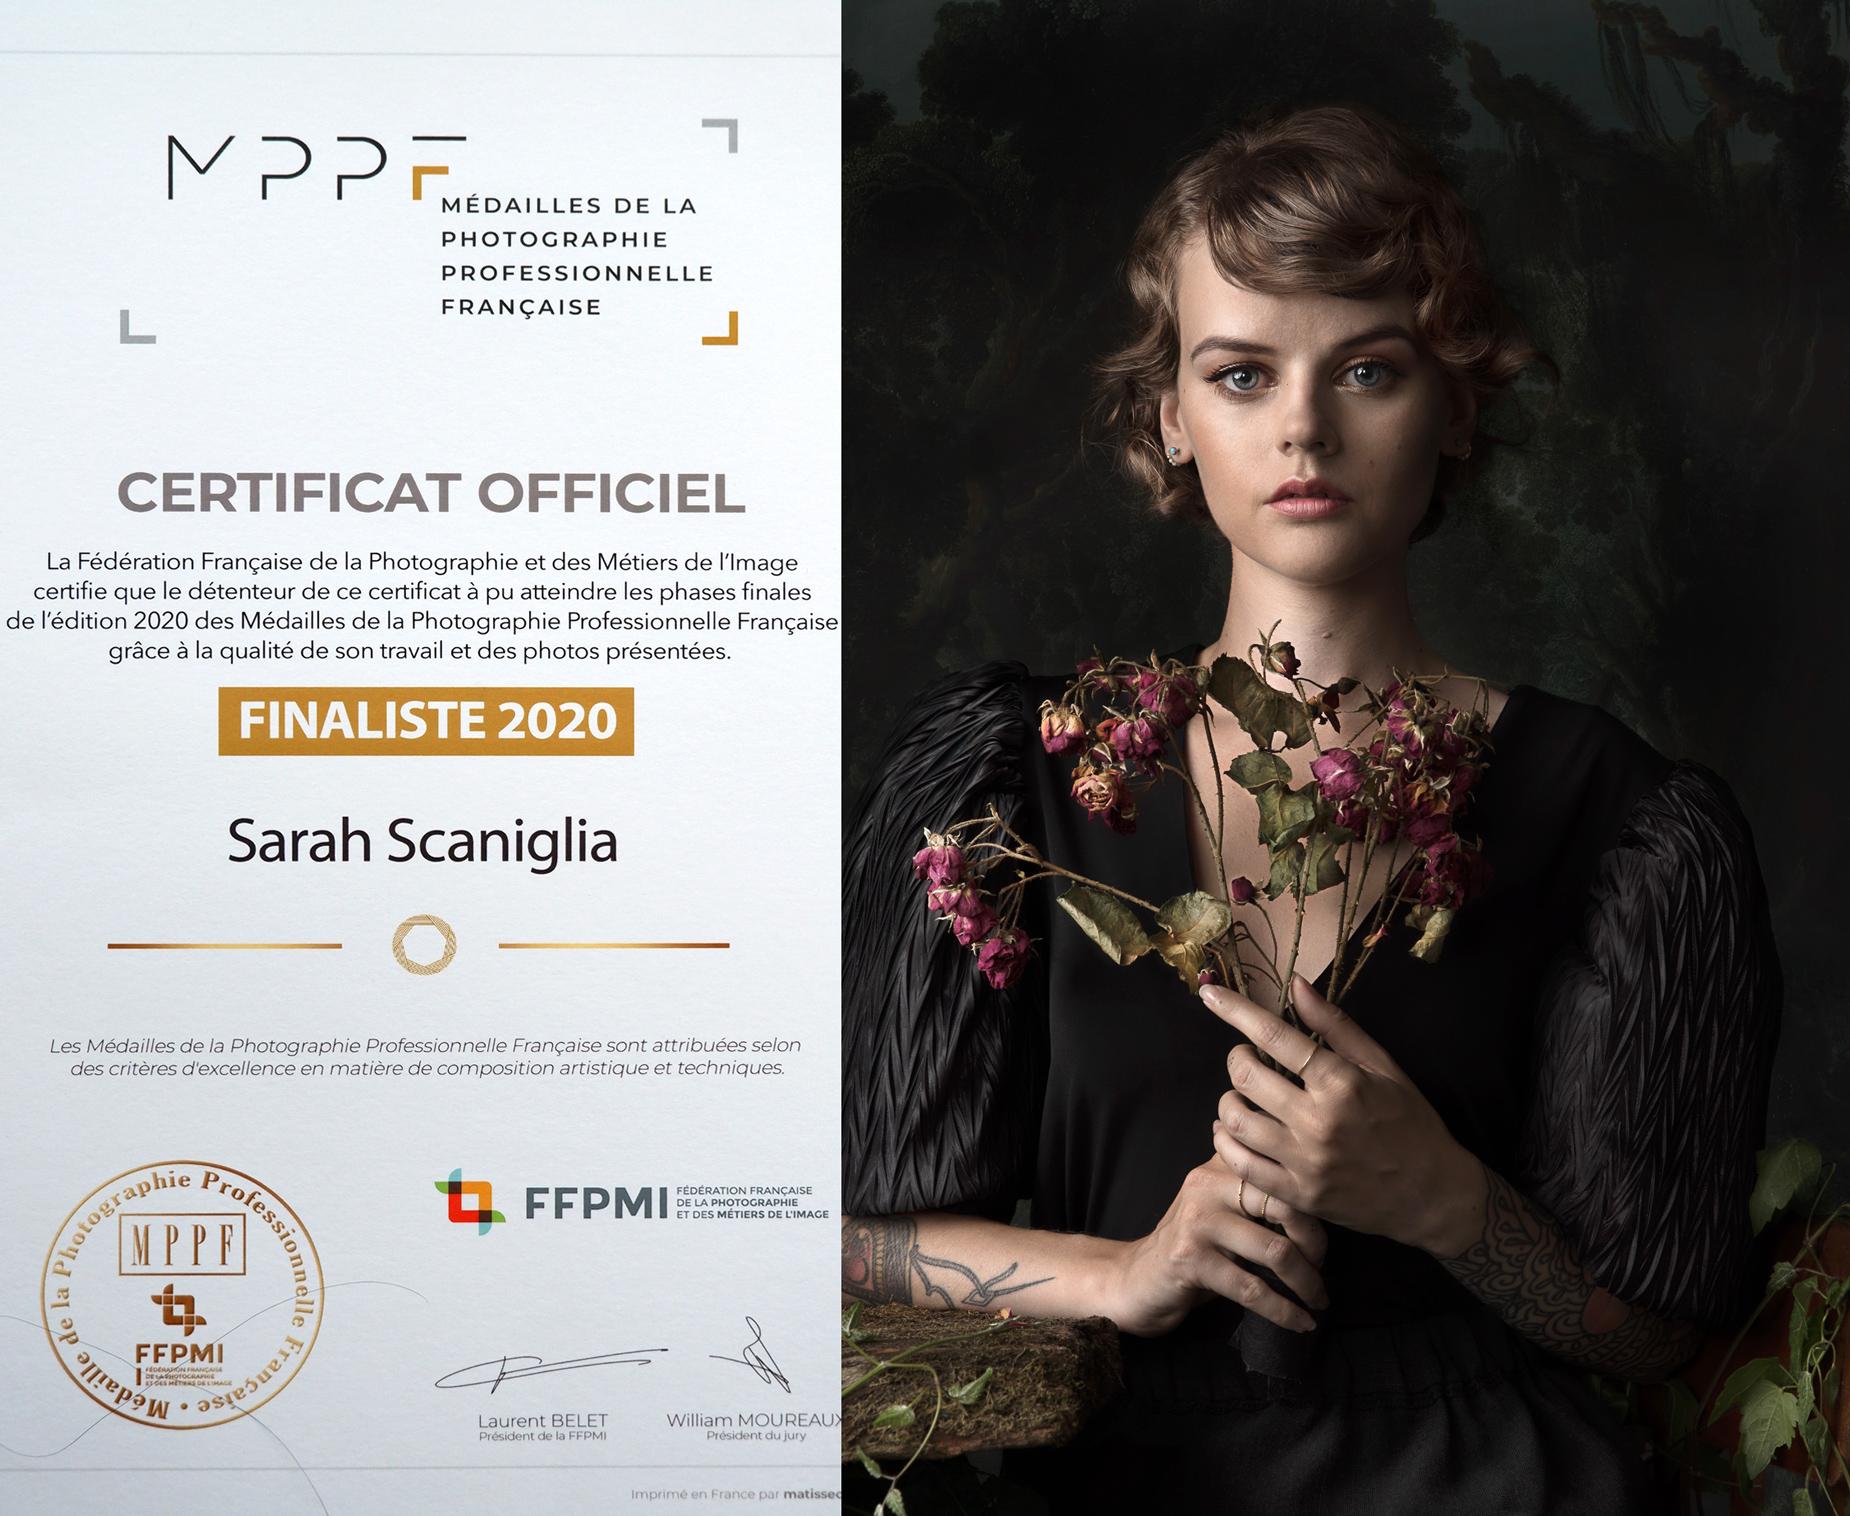 sarah-scaniglia-certificat-medailles-photographie-francaise-professionnelle-metiers-image-couconcours-laureat-44-pays-de-la-loire-photo-ffpmi-portrait-art-artiste